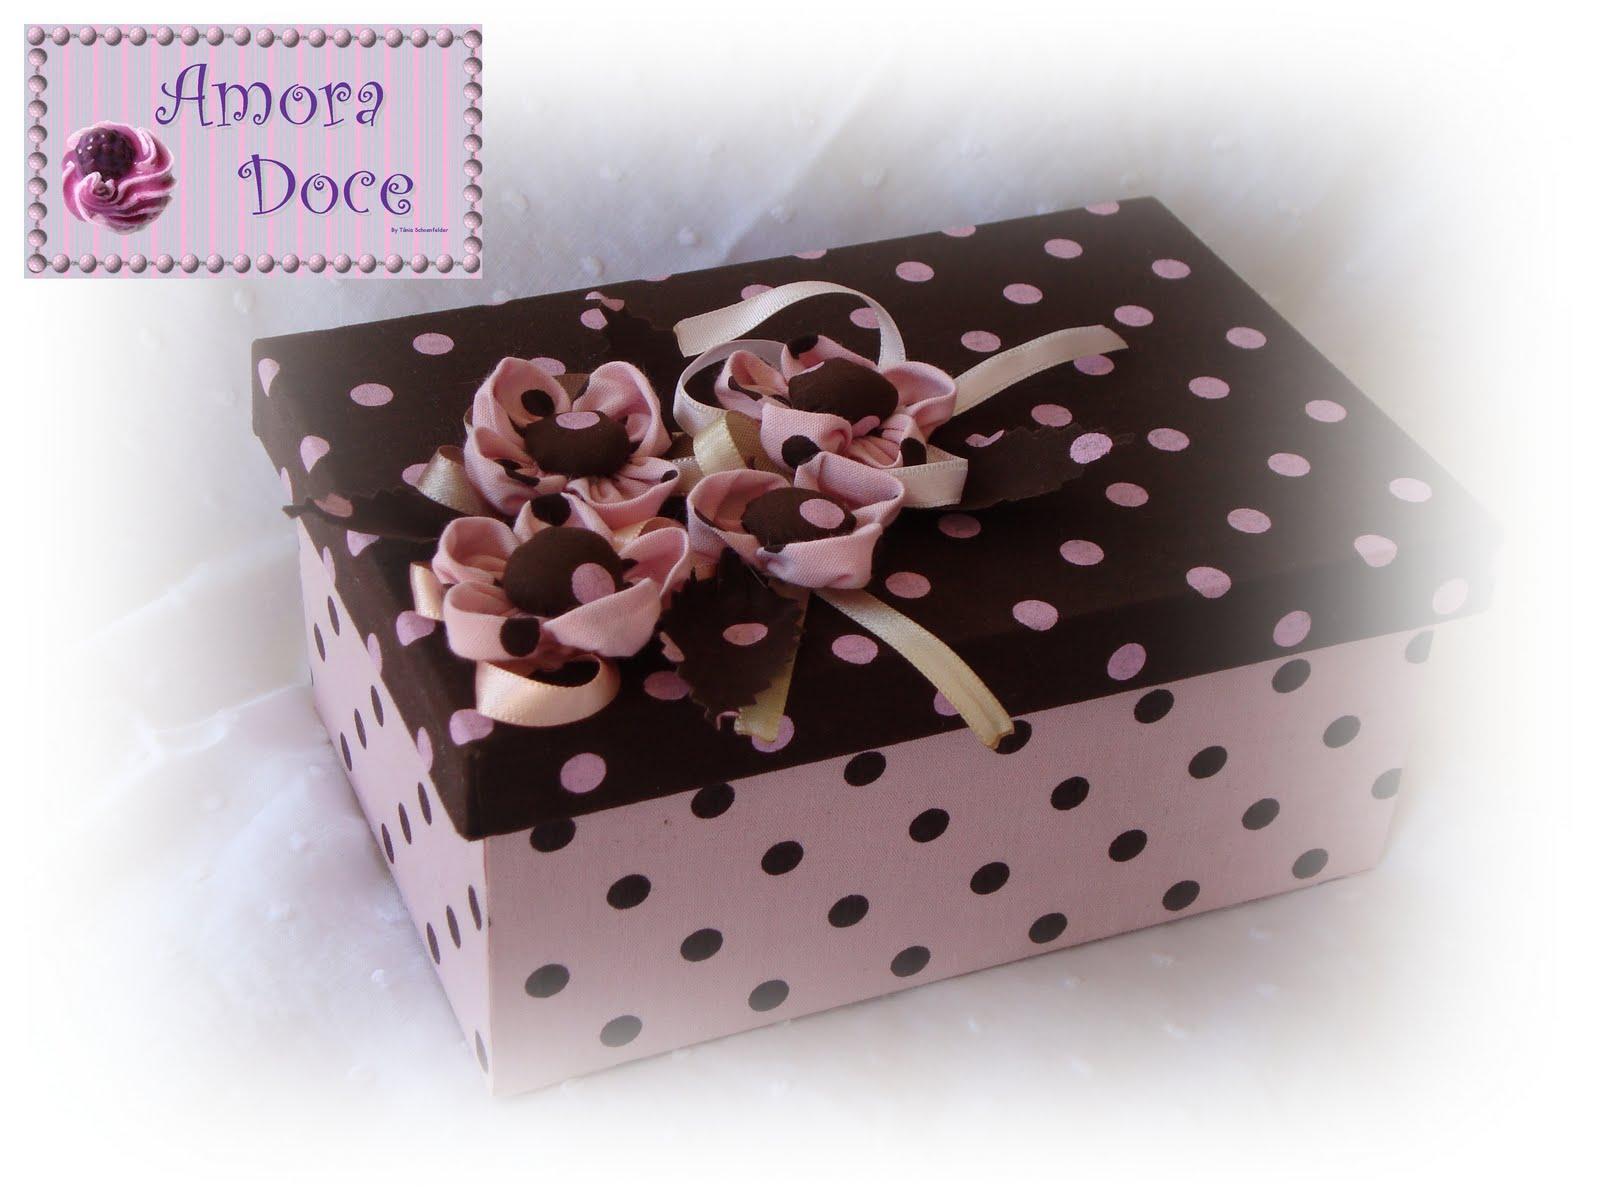 Amora Doce: Caixa forrada com tecido #2C1D1B 1600x1200